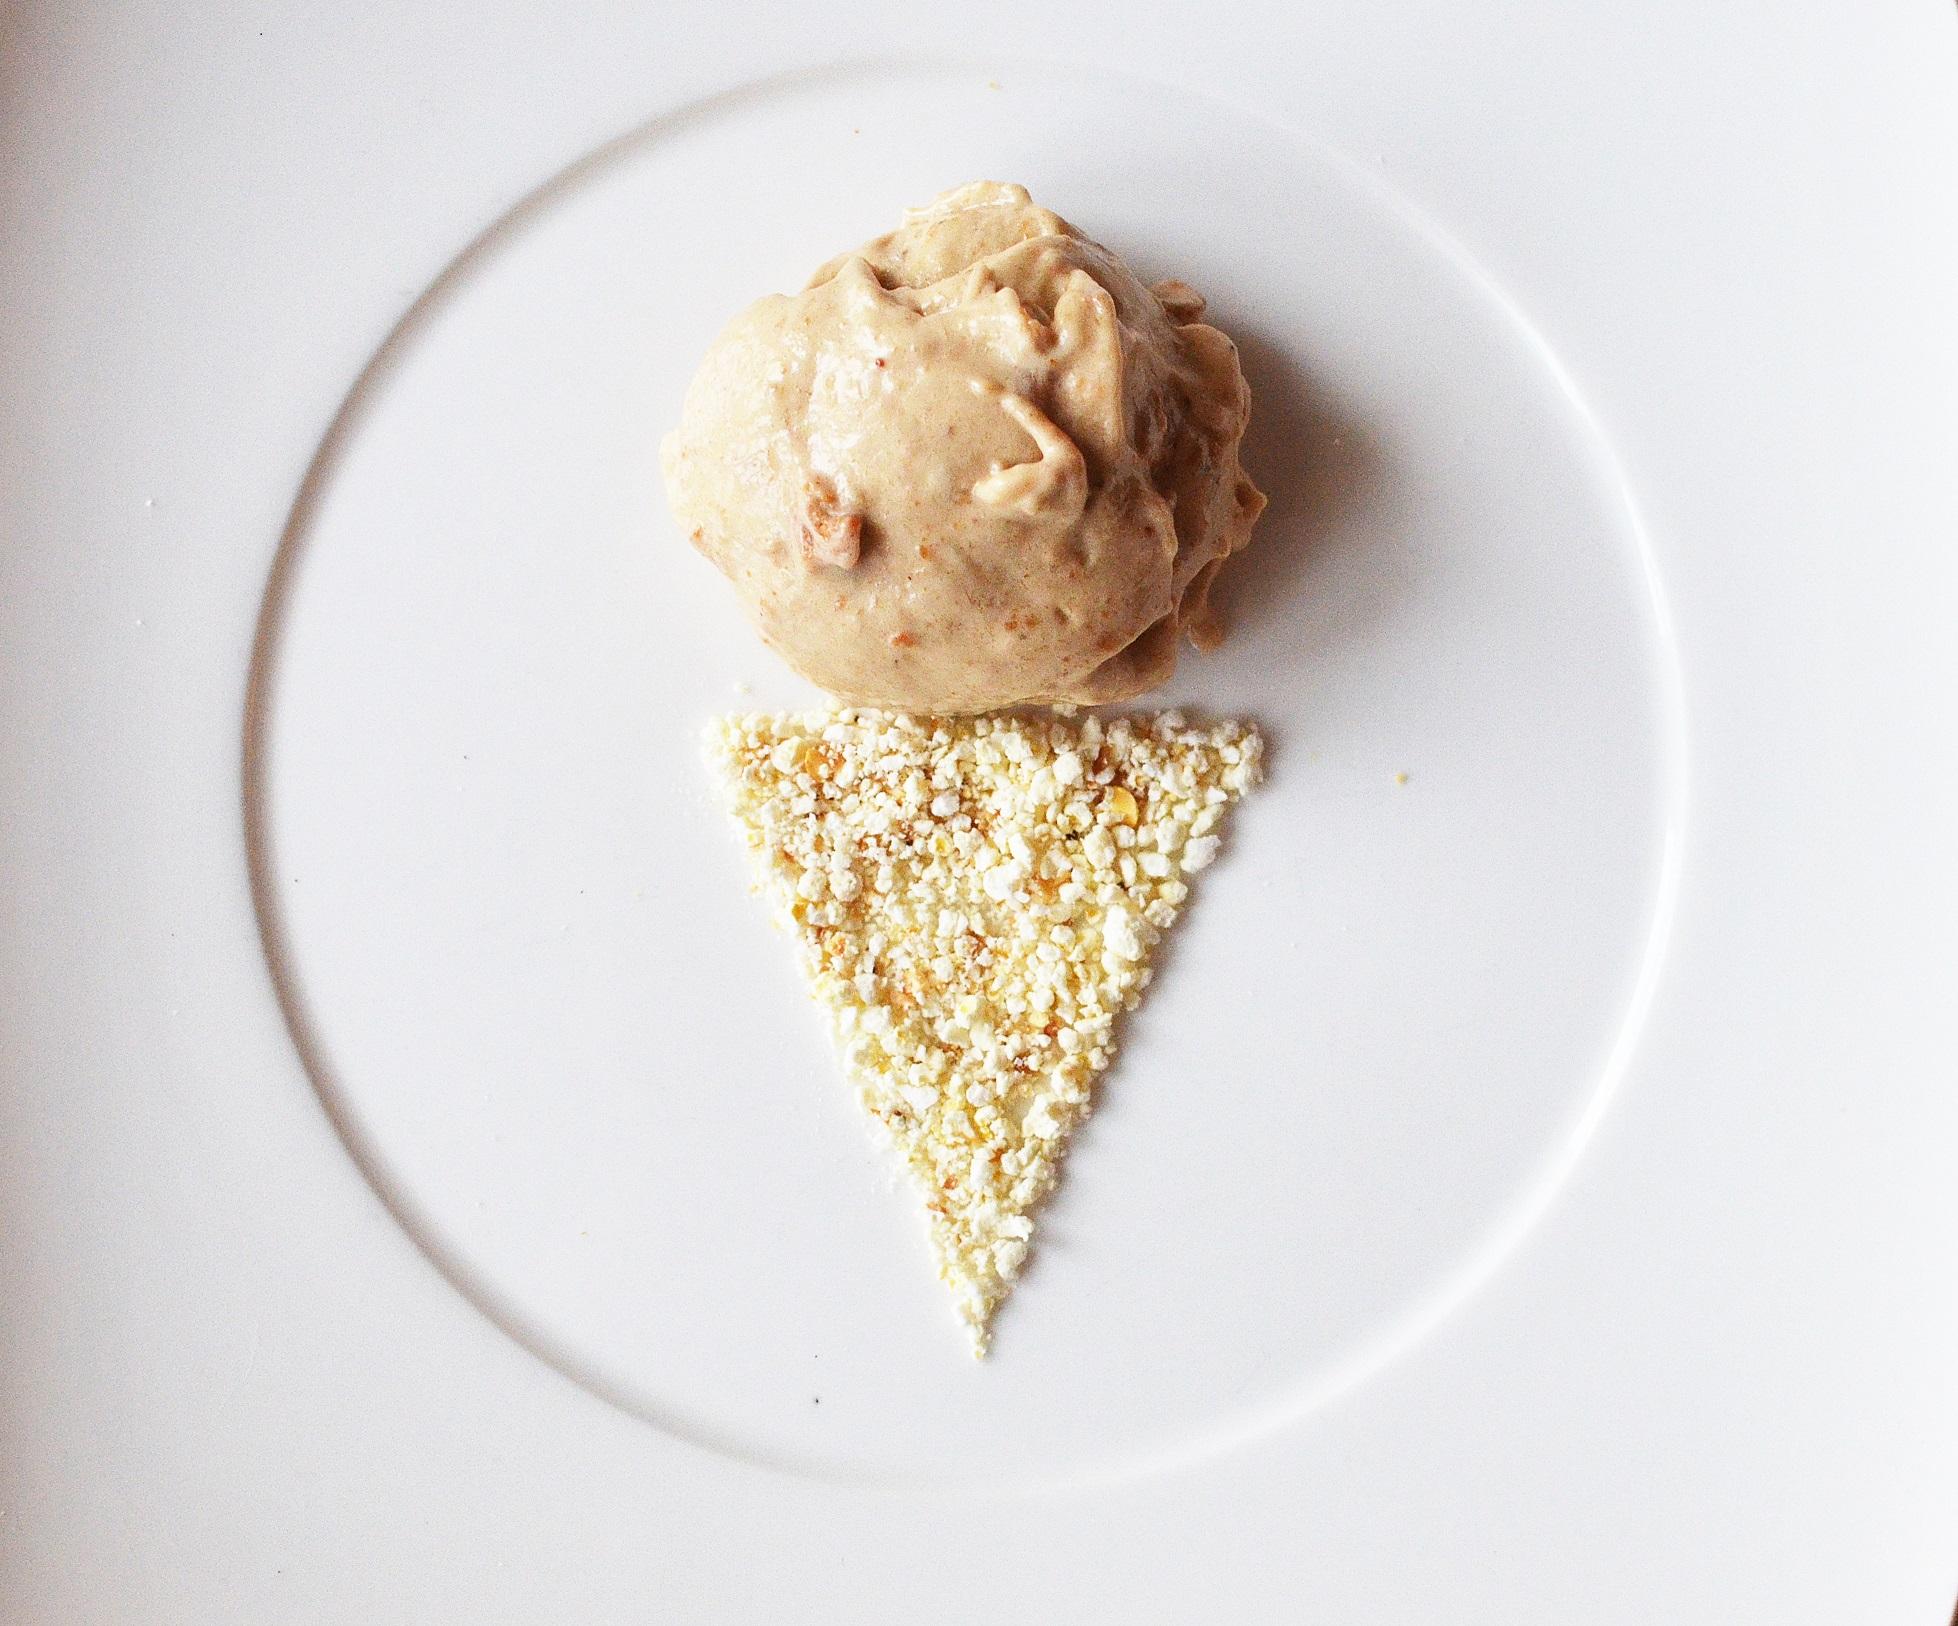 Idealne lody: banan, masło orzechowe, popcorn, sól morska (fot. Jagna Niedzielska / Architektura Kulinarna)